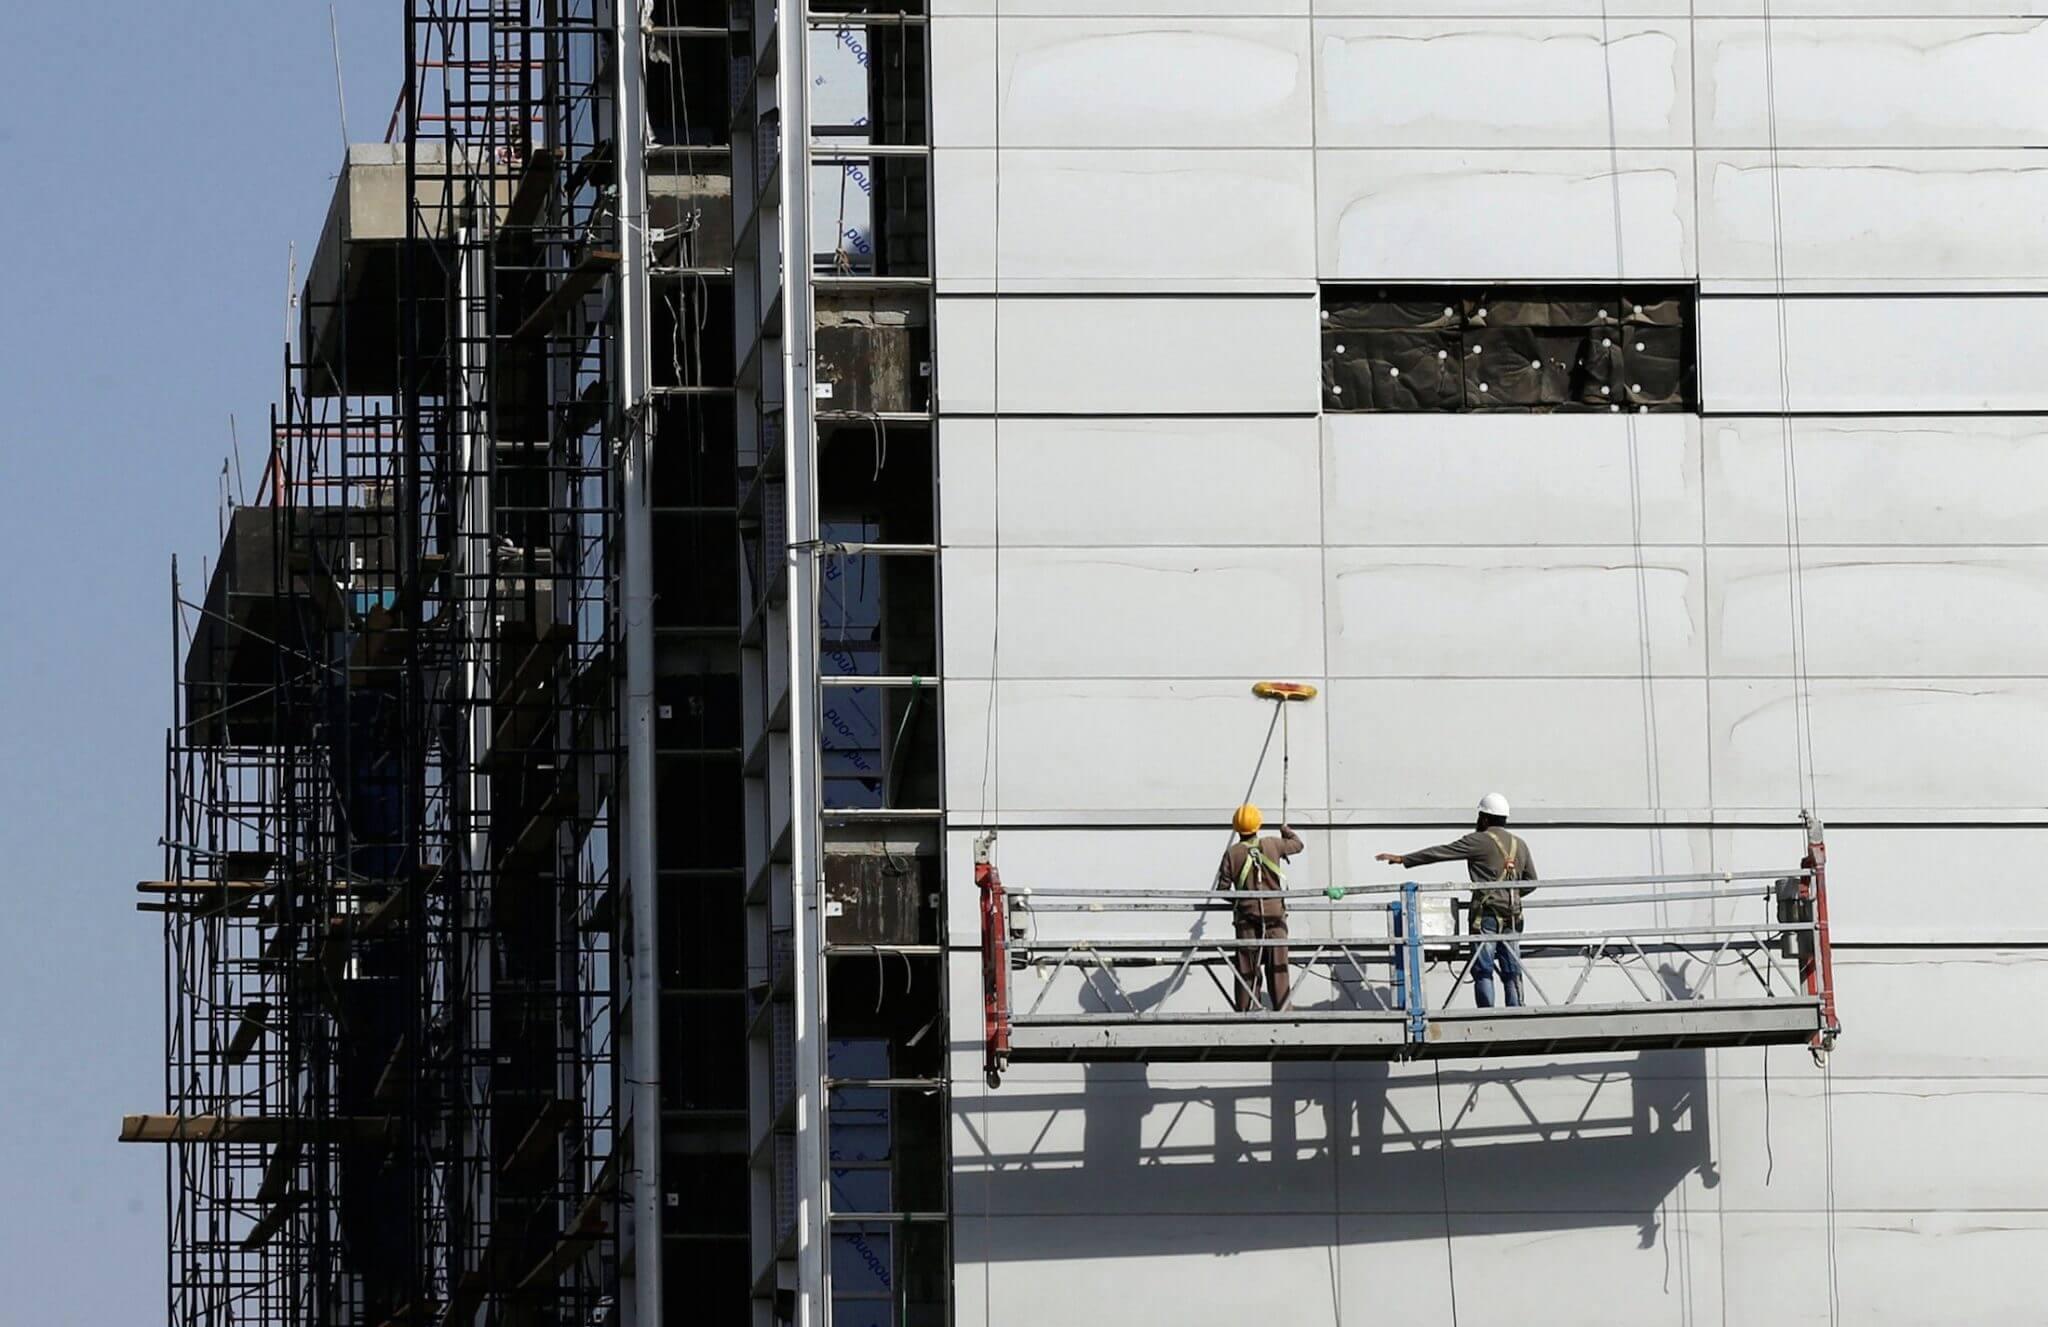 Arábia Saudita construirá uma cidade 33 vezes maior que Nova York